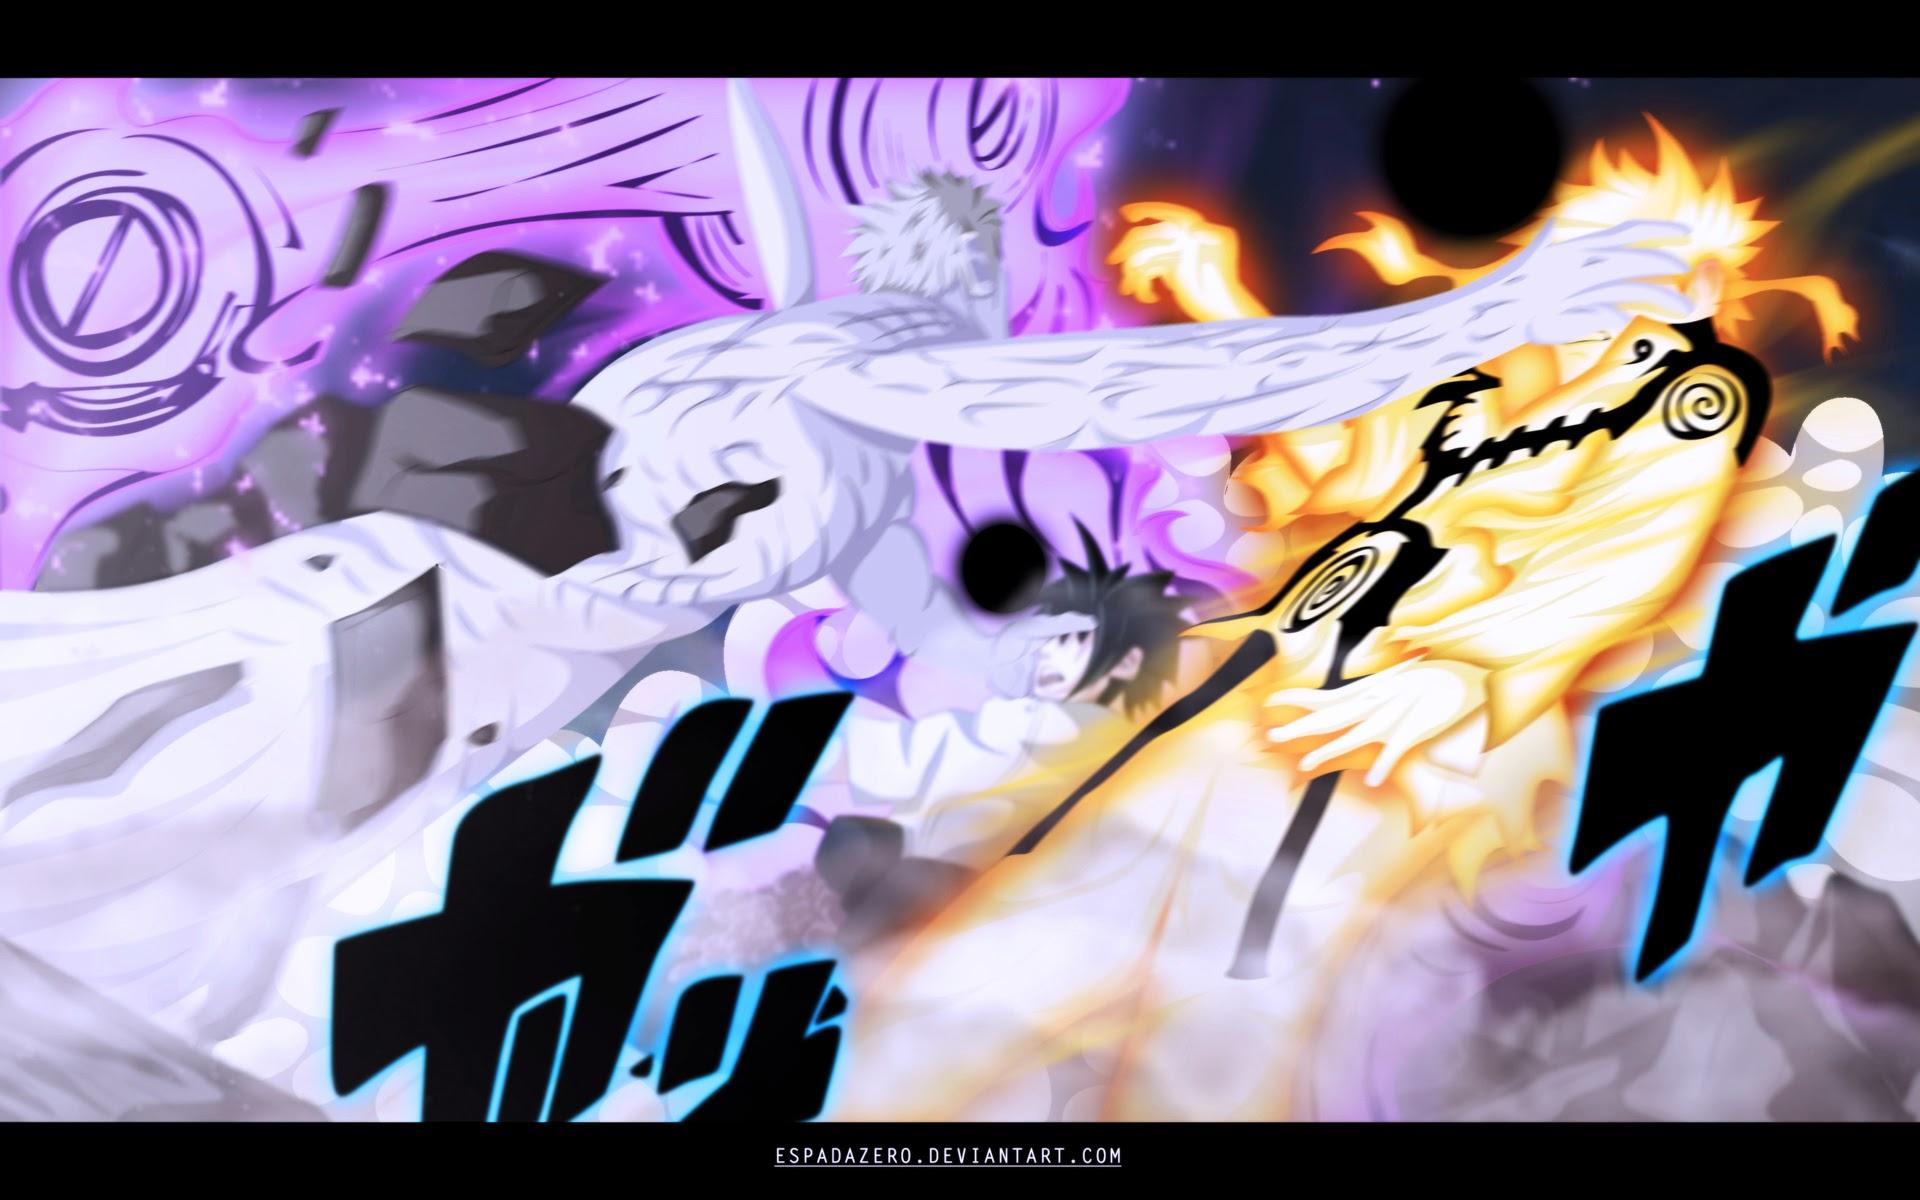 obito vs naruto and sasuke 3i wallpaper hd